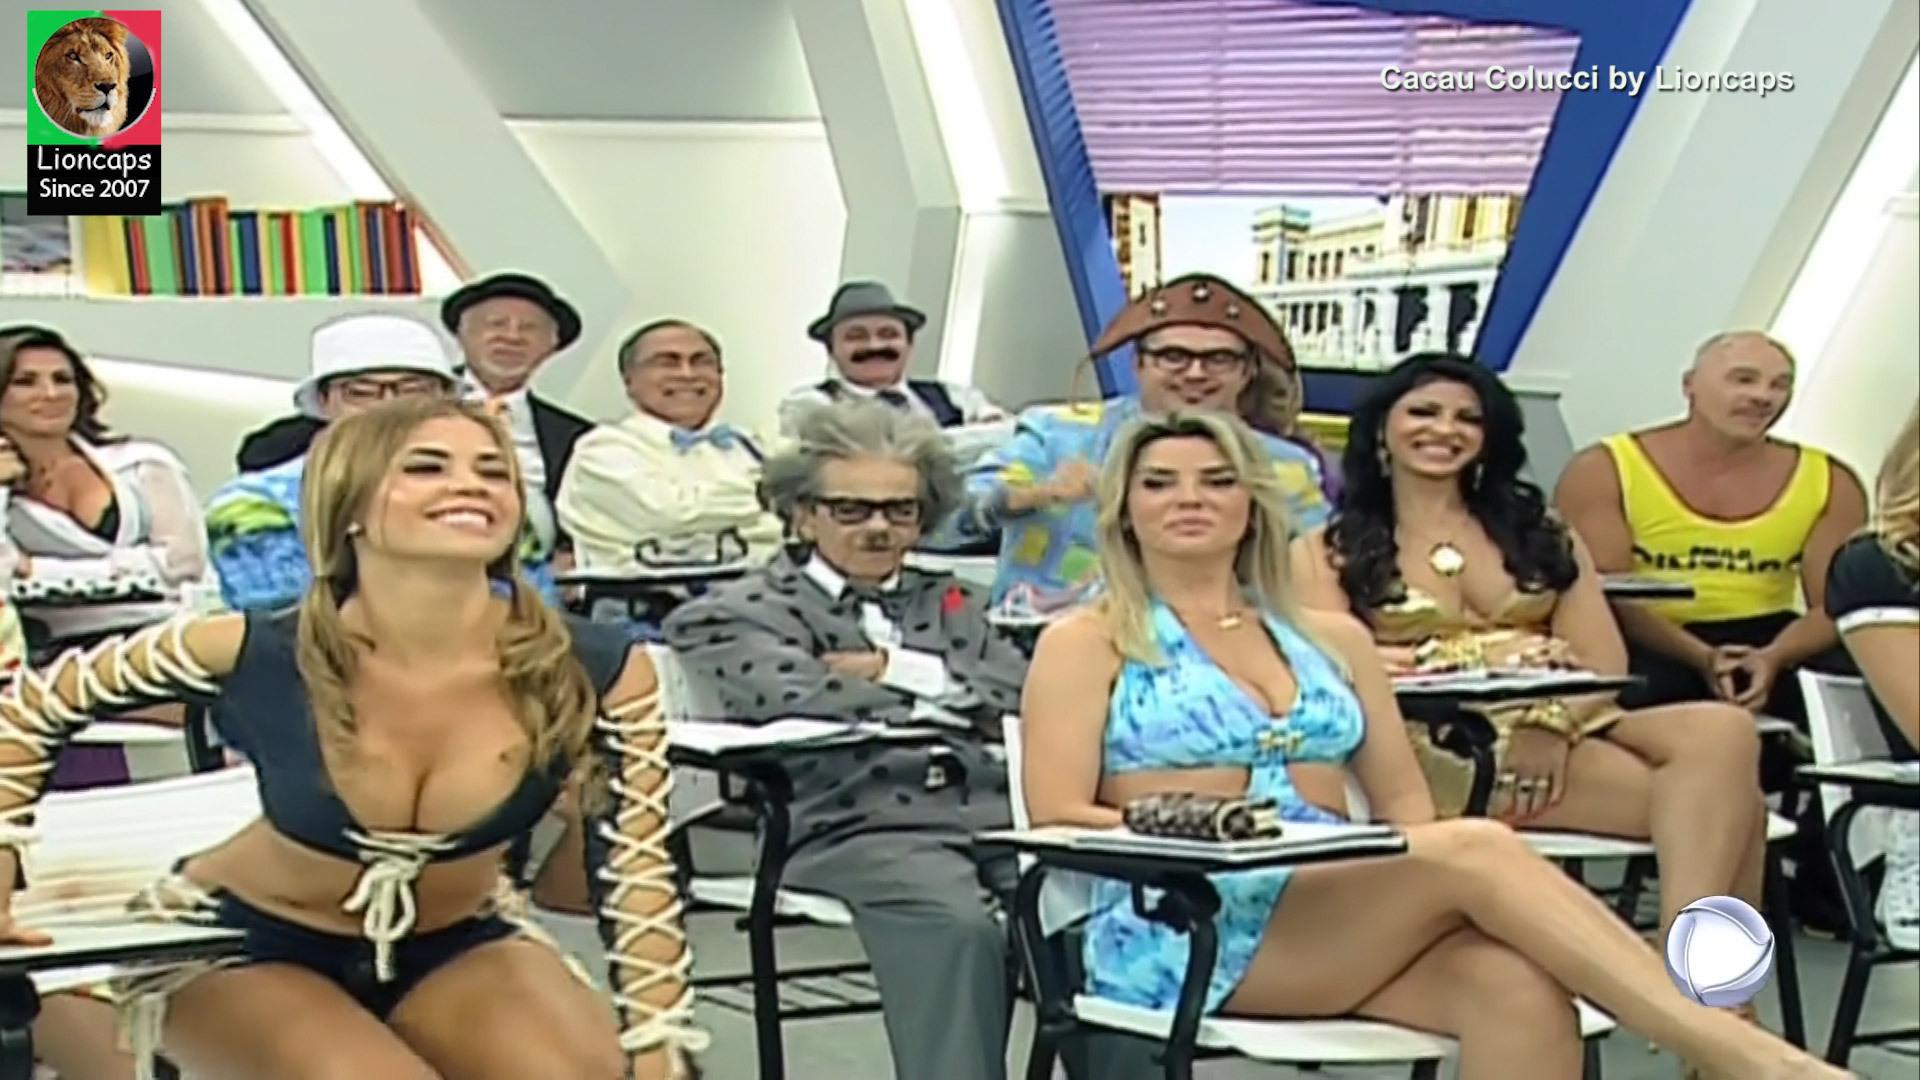 cacau_colucci_escolinha_lioncaps_08_08_2021 (11).jpg